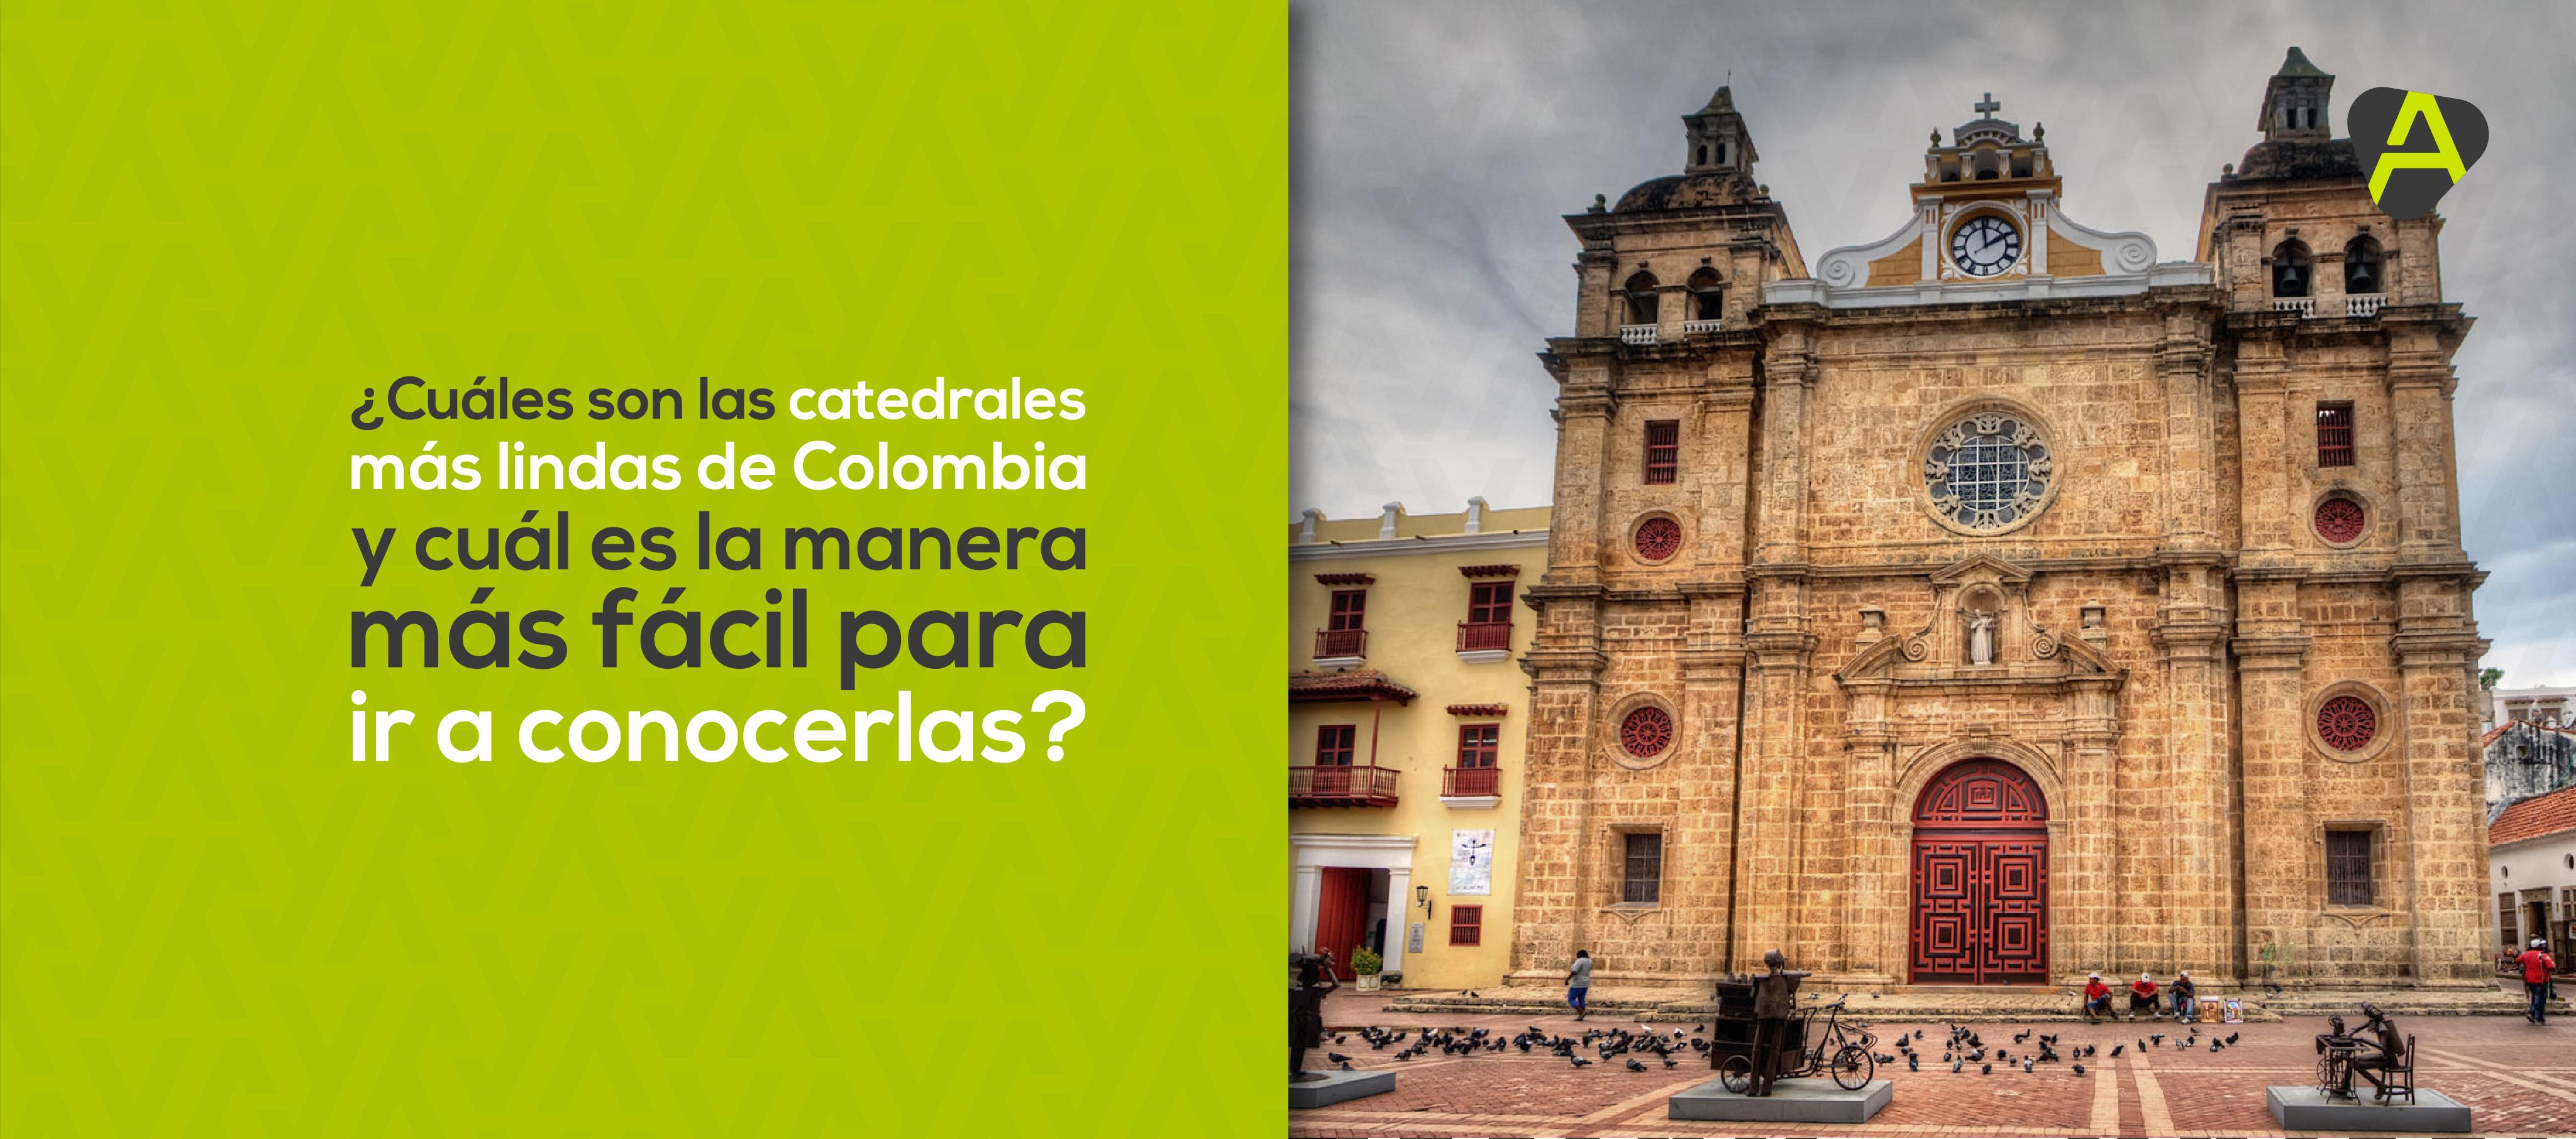 Catedrales más lindas de Colombia